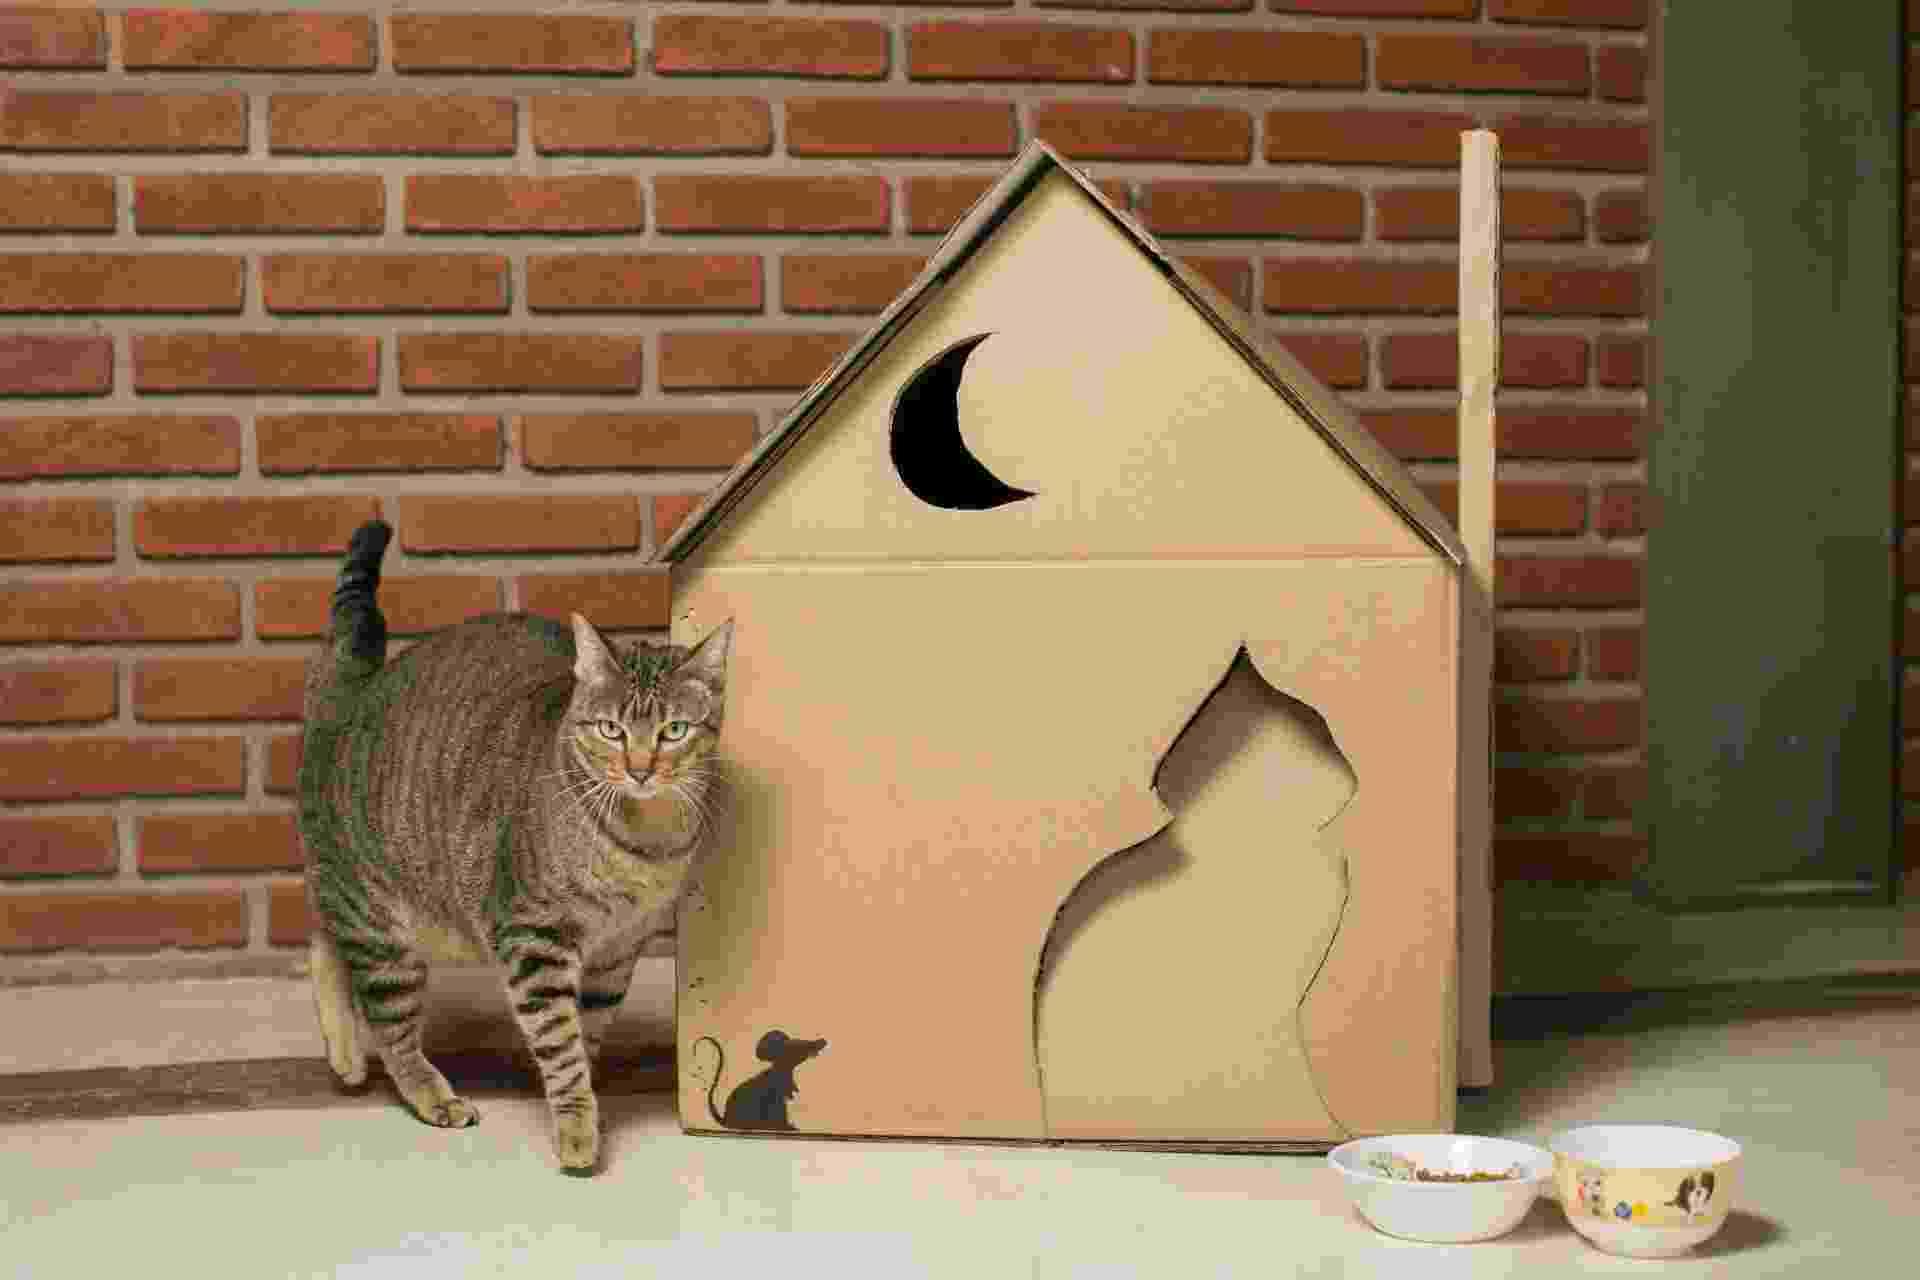 passo a passo - casinha de gato - Leonardo Soares/ UOL